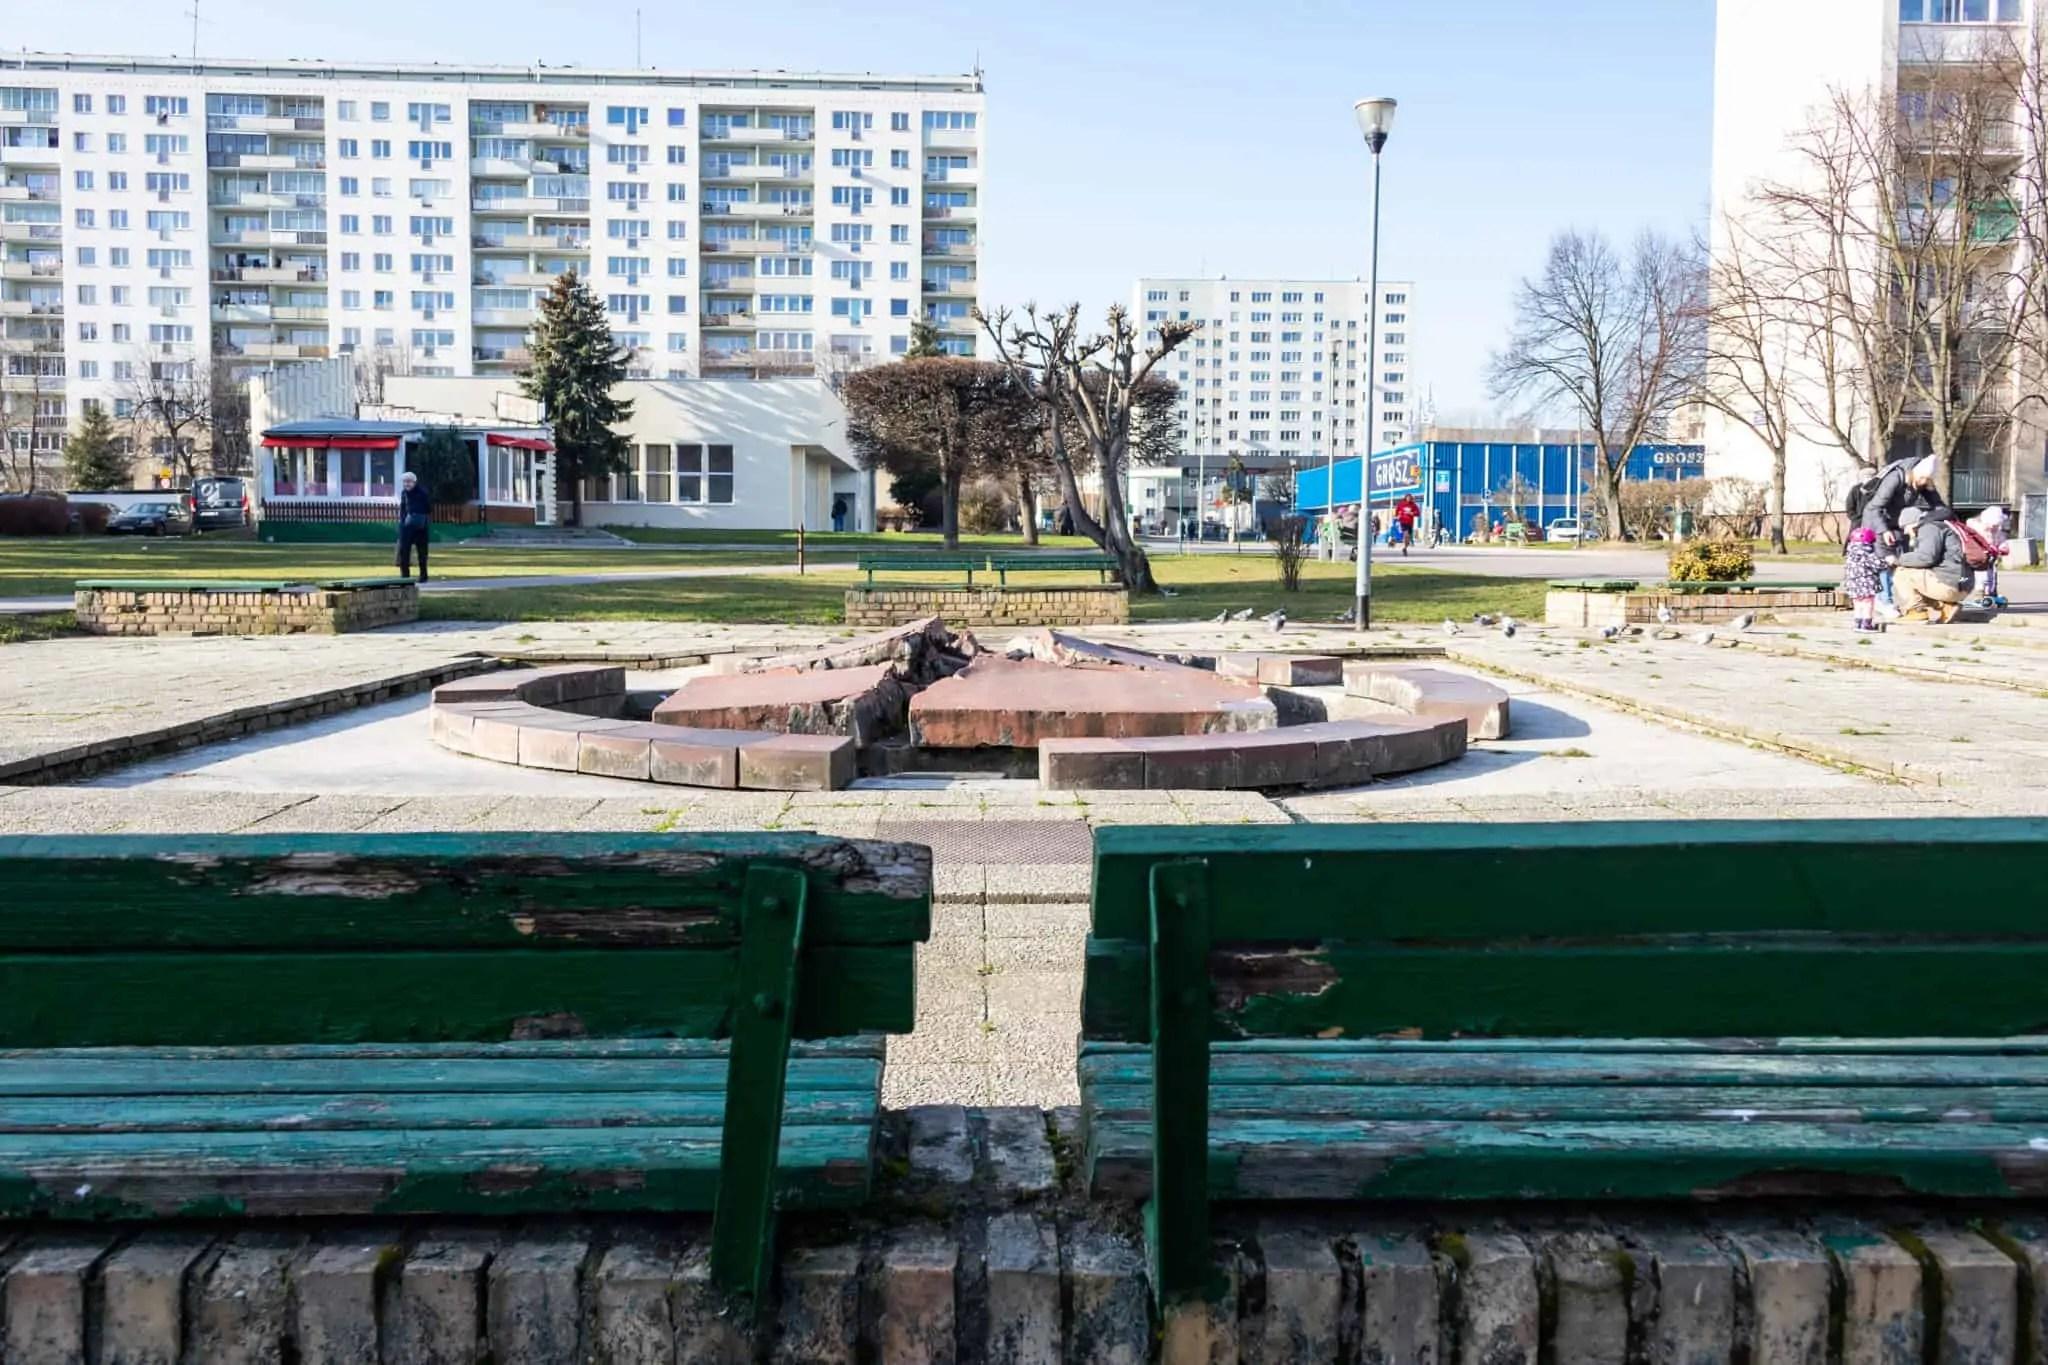 Gdańsk żabianka bloki i elementy 17 scaled - Snapseed apka do zdjęć dla każdego